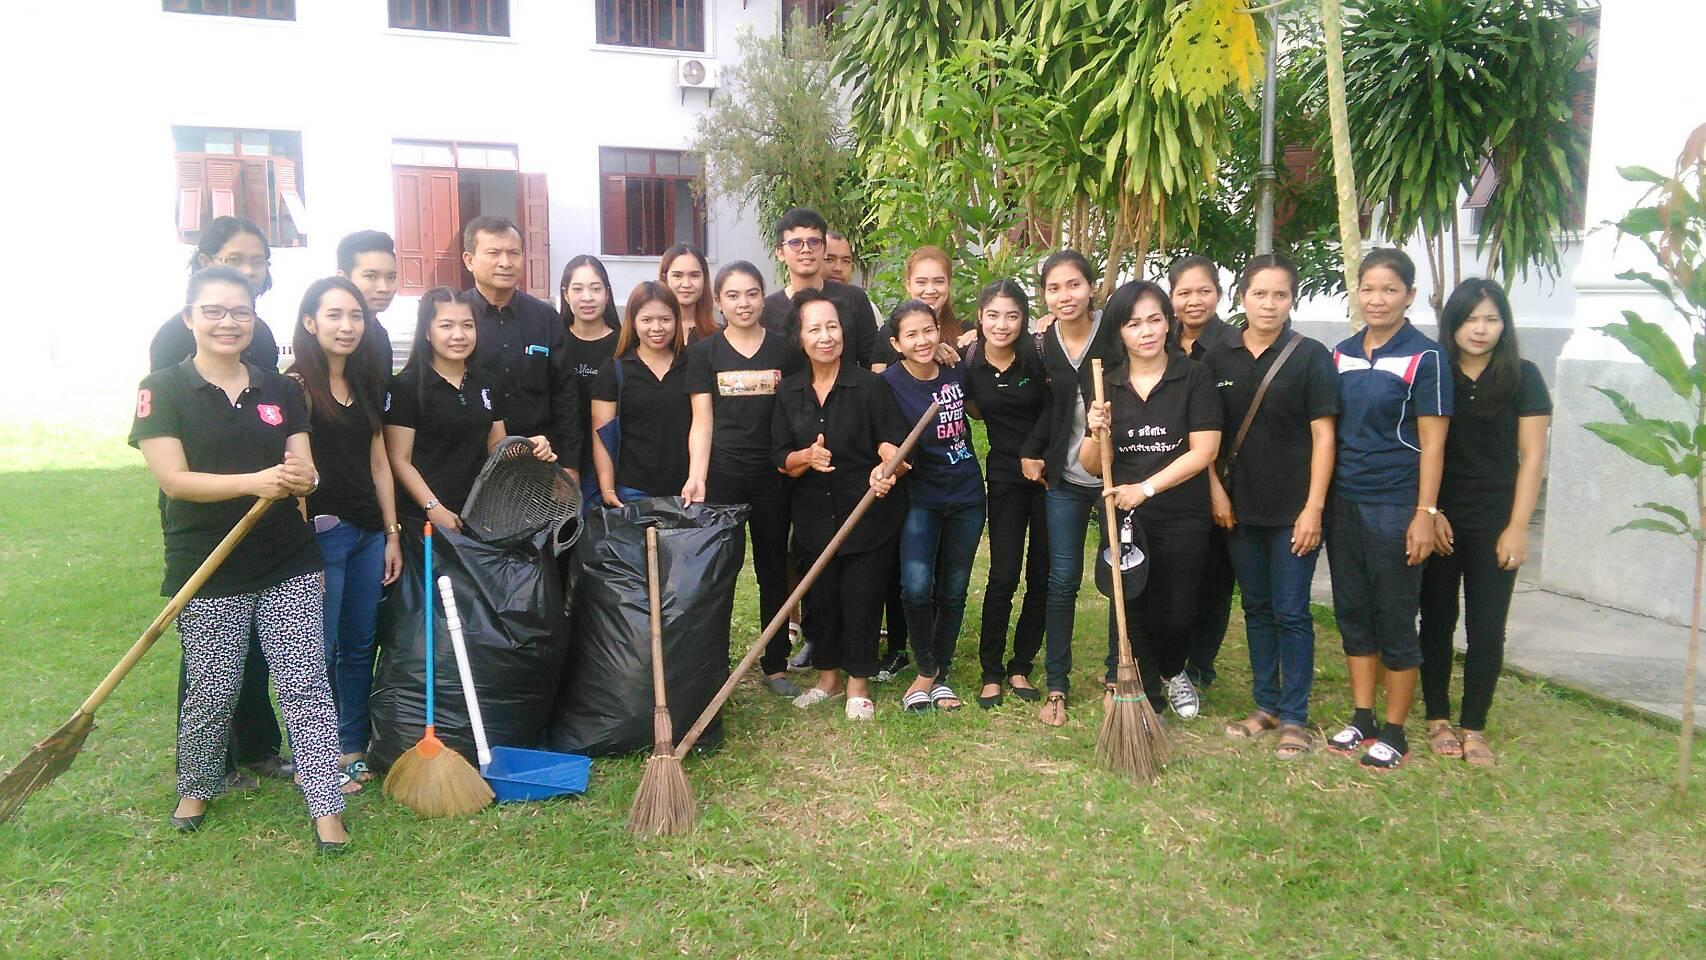 ทำความสะอาดสำนักงานและสถานที่สาธารณะที่รับผิดชอบ ณ ศาลากลางจังหวัดนครศรีธรรมราช